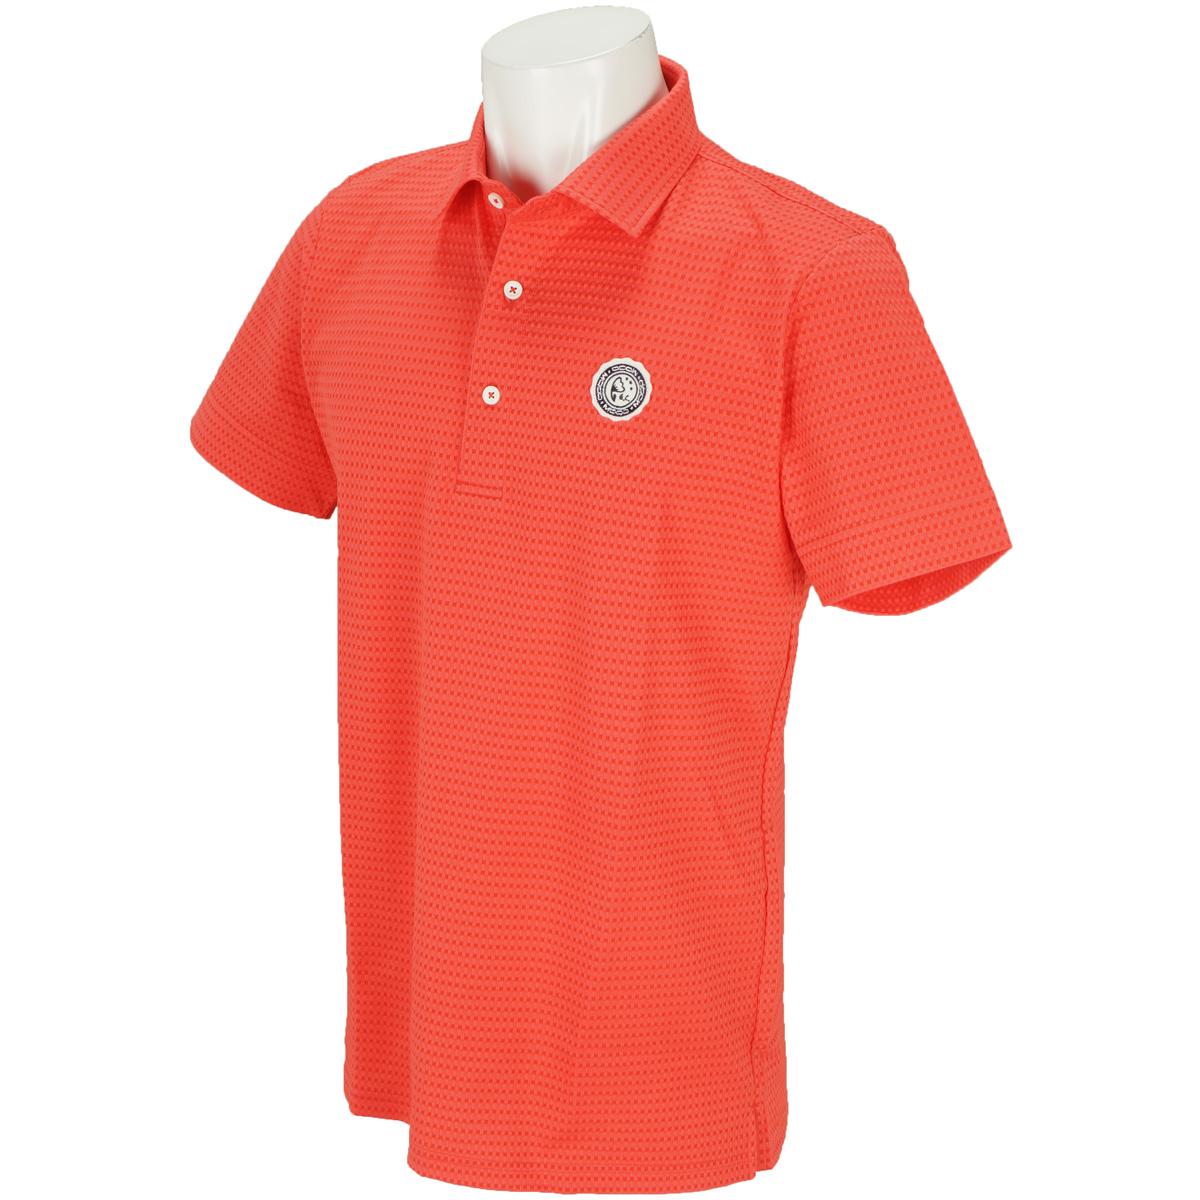 サッカー半袖ポロシャツ